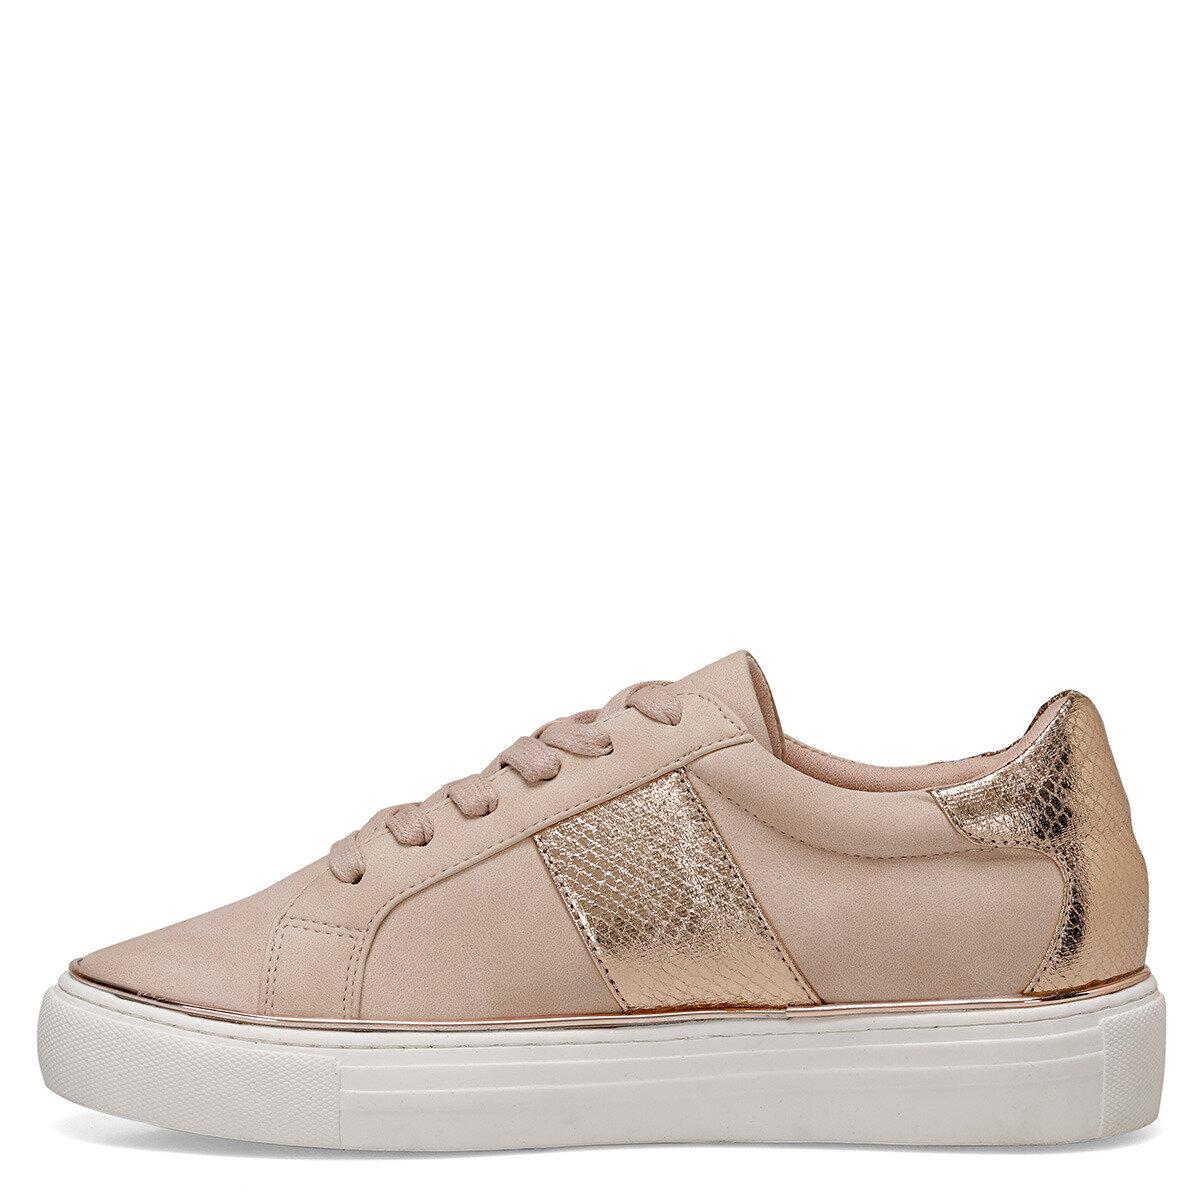 MADDY Pembe Kadın Spor Ayakkabı